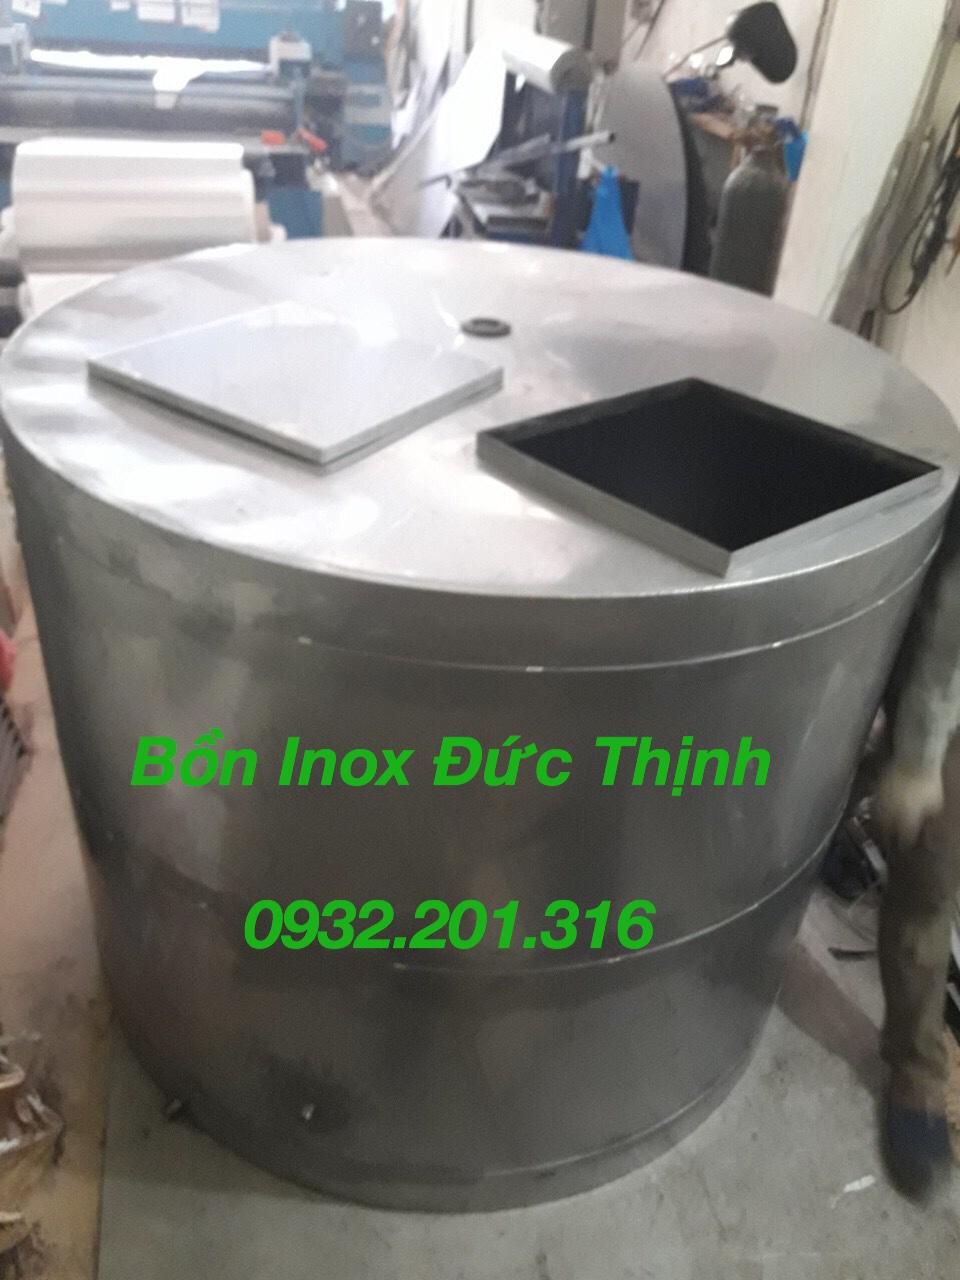 Lưu ý về phong thủy khi lắp đặt bồn bể inox